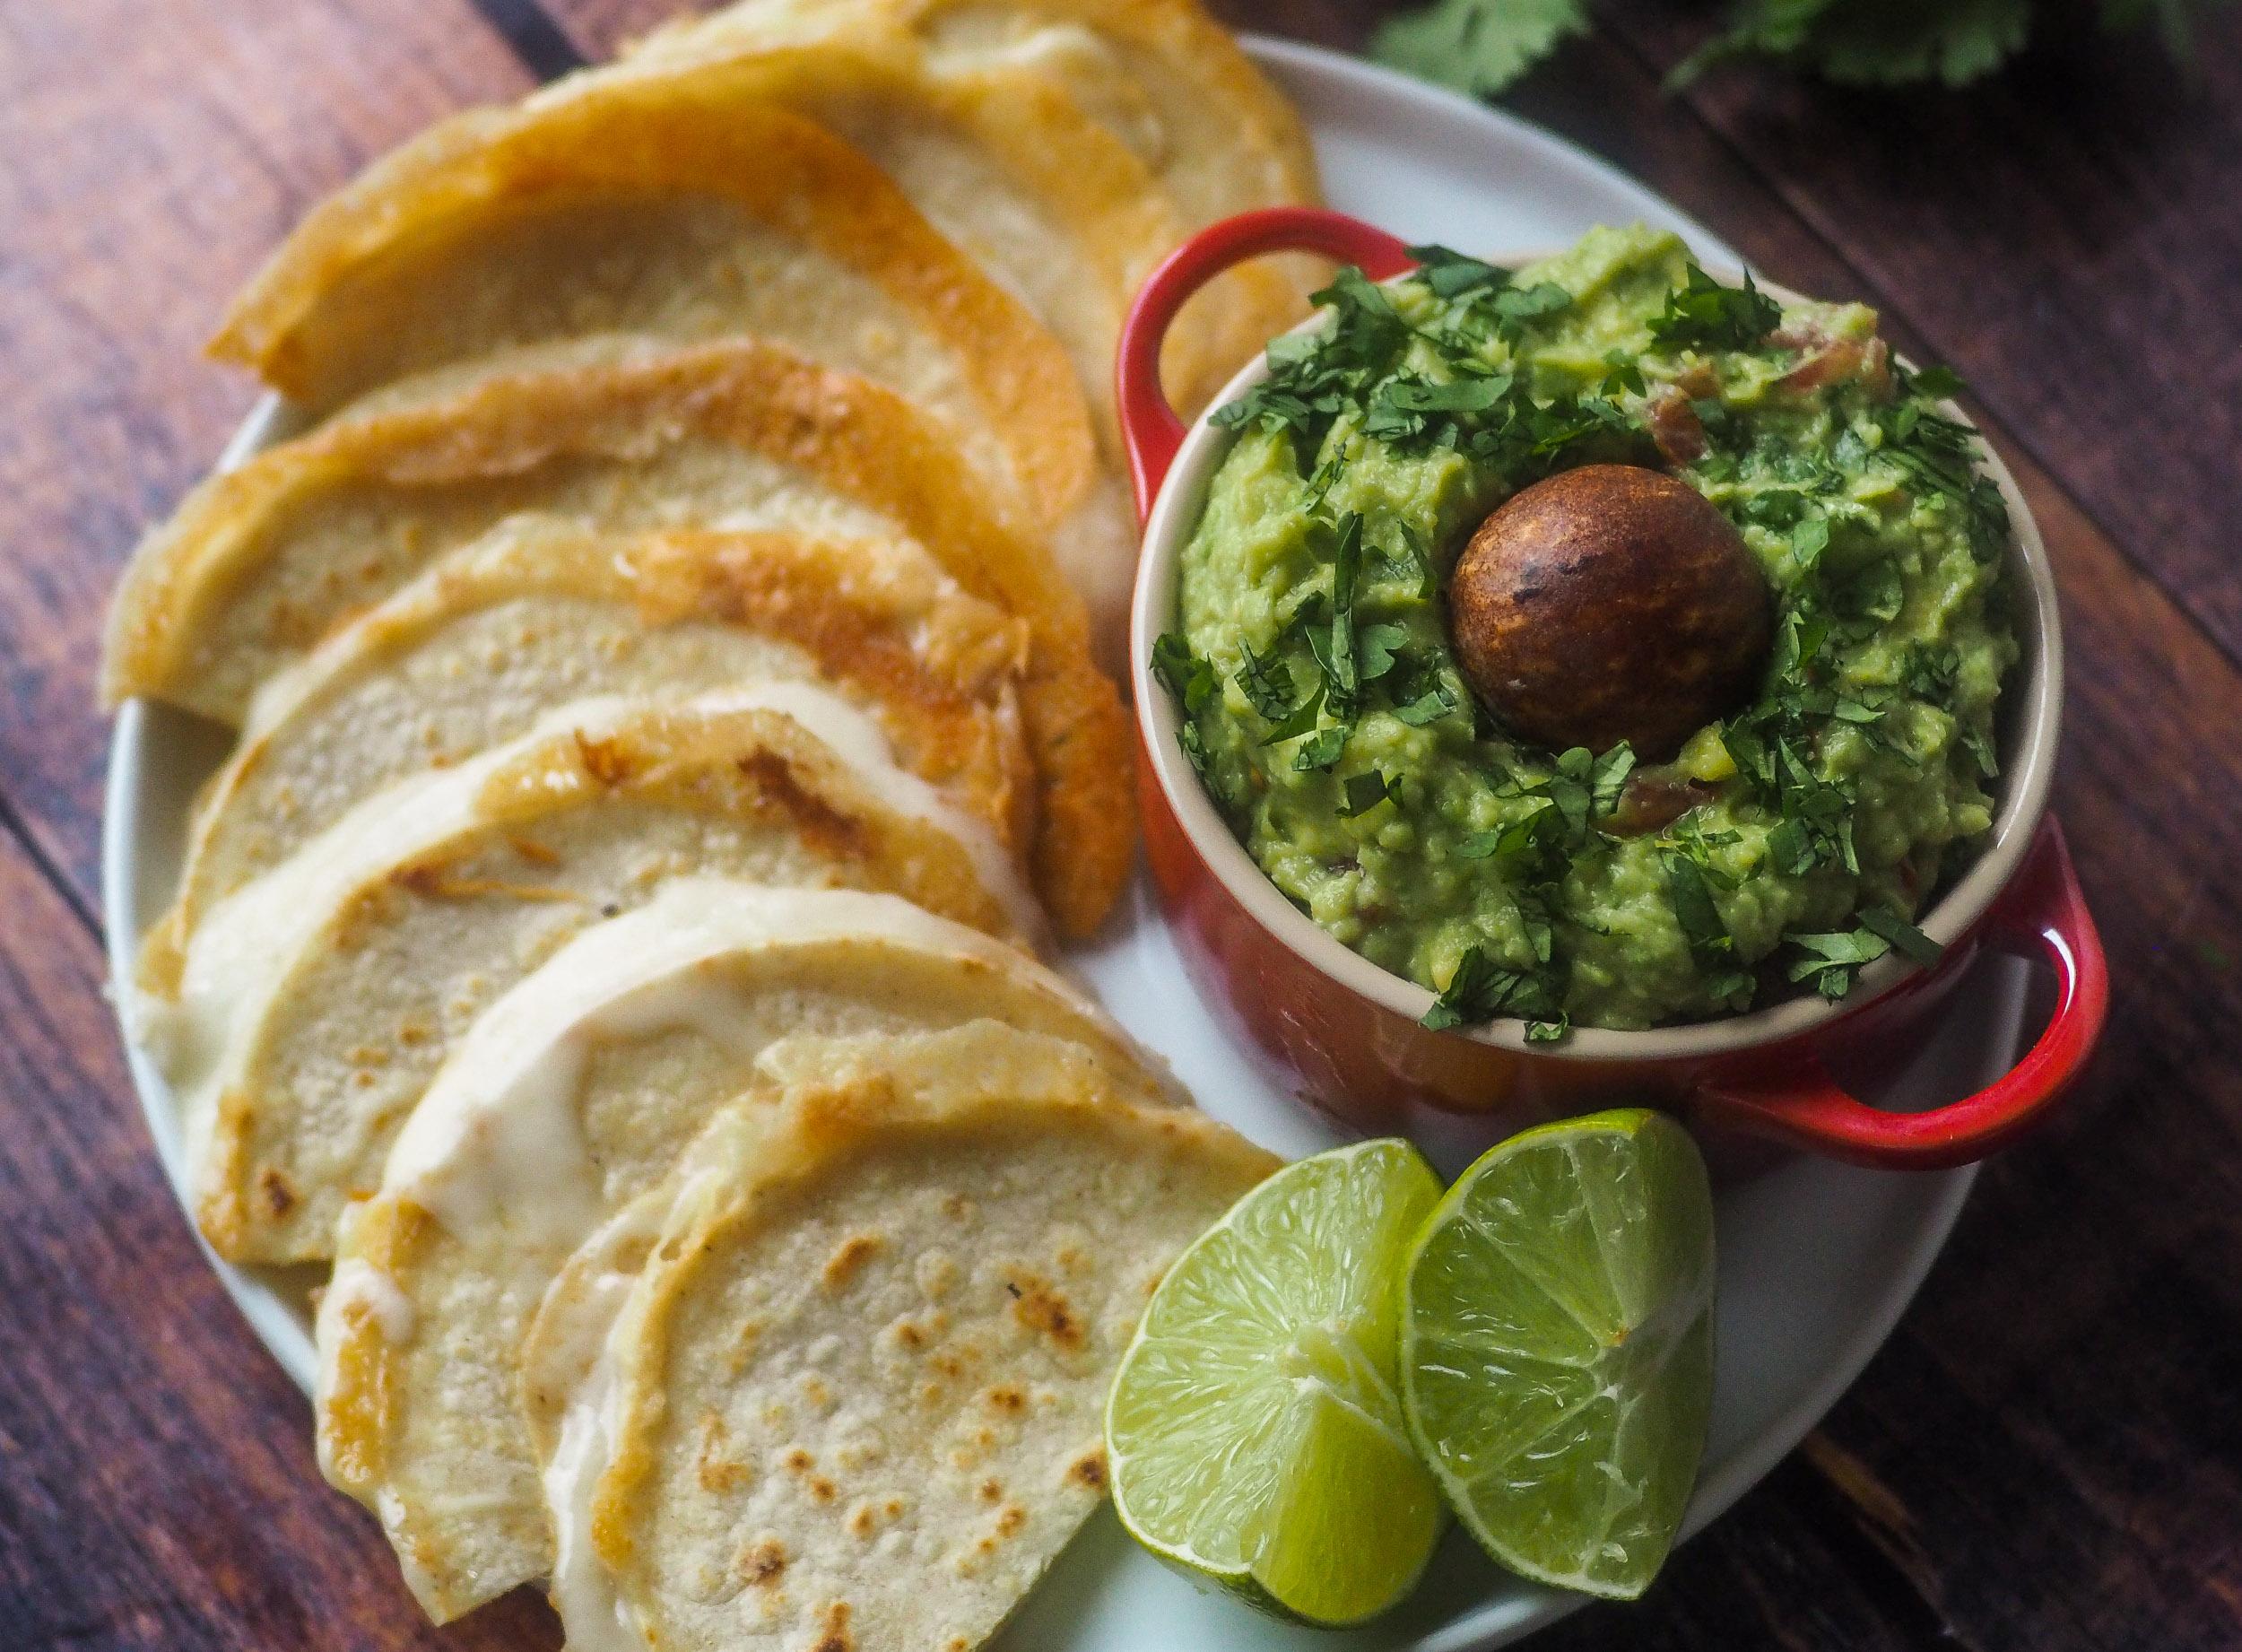 Guacamole and Quesadillas